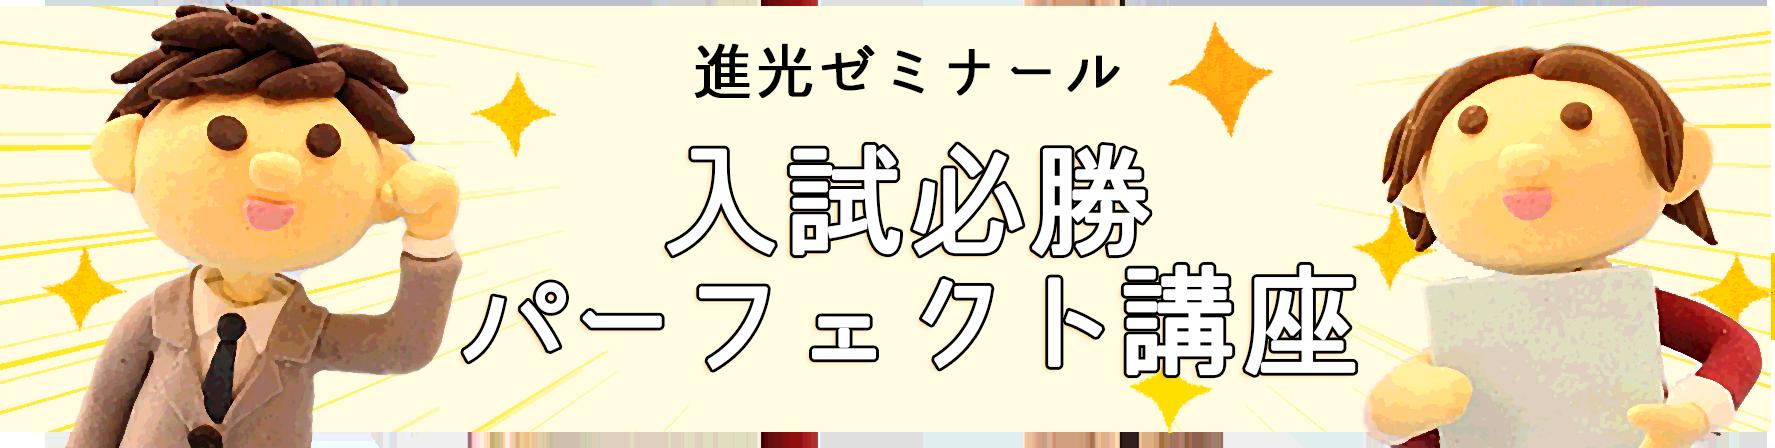 栃木県の高校入試を徹底対策!入試必勝パーフェクトコース